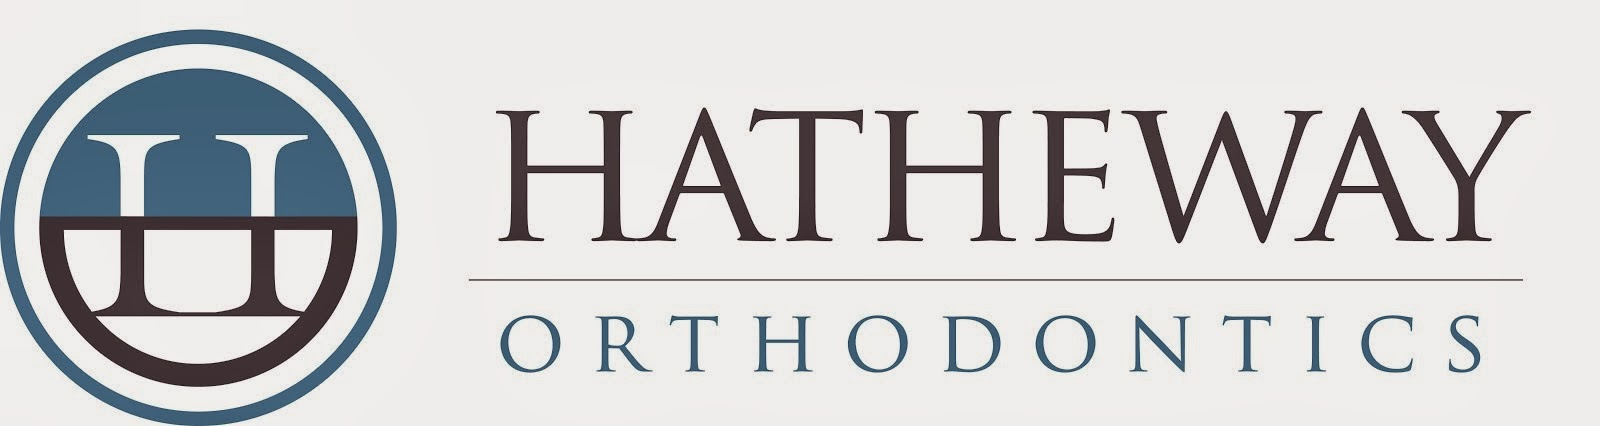 Hatheway Orthodontics